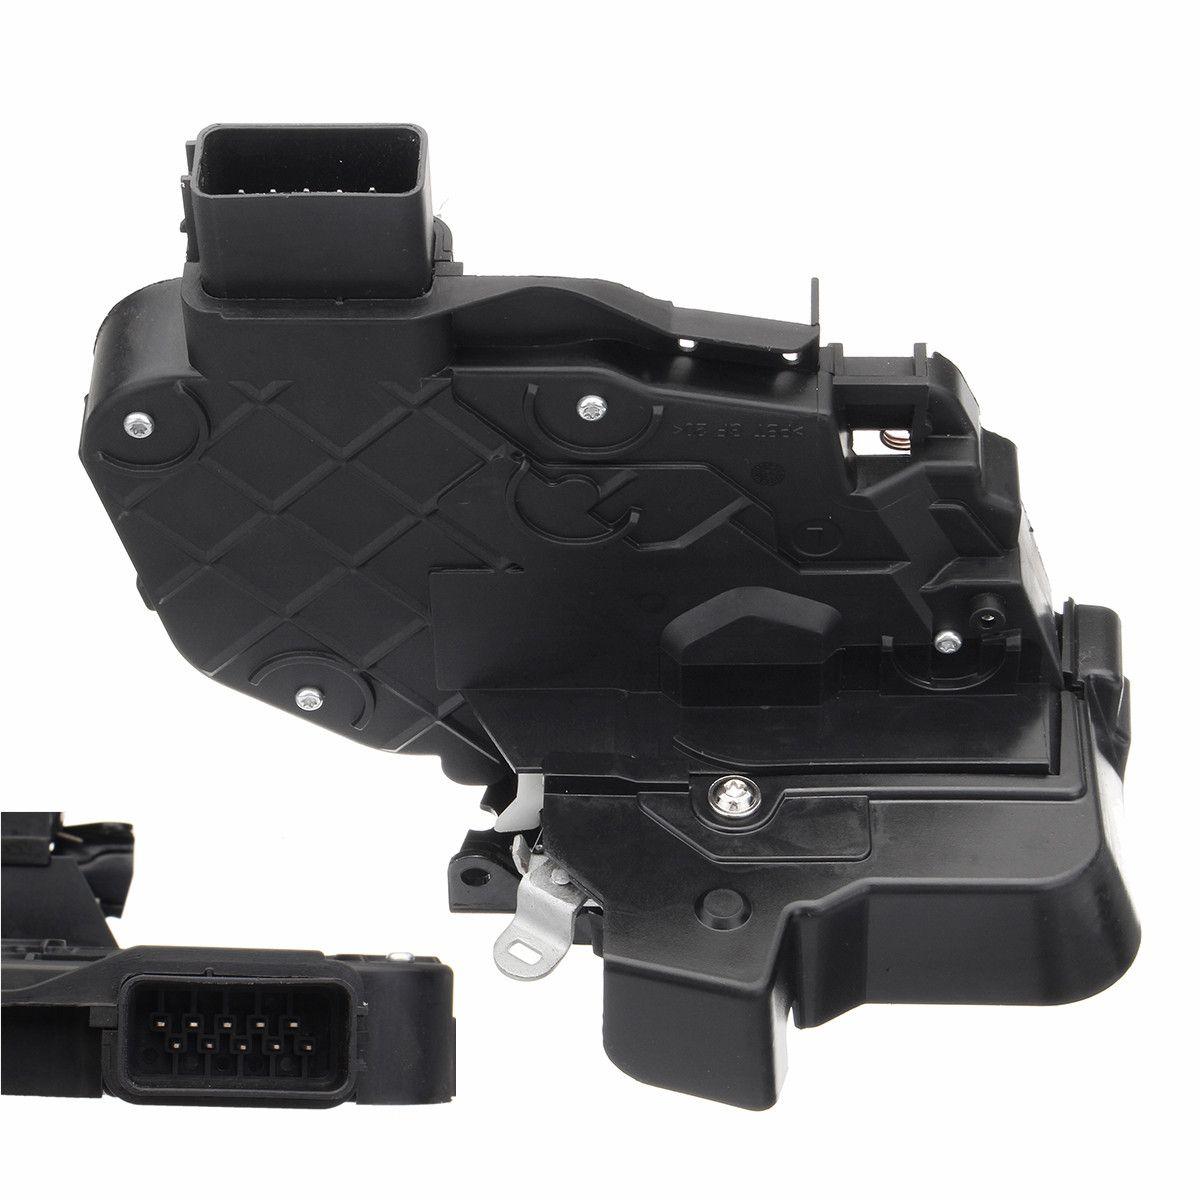 Vorne/Hinten Links/Rechts Auto Türschloss Latch Mechanismus Antrieb Für Land Rover Freelander Evoque Schlösser Hardware Aftermarket